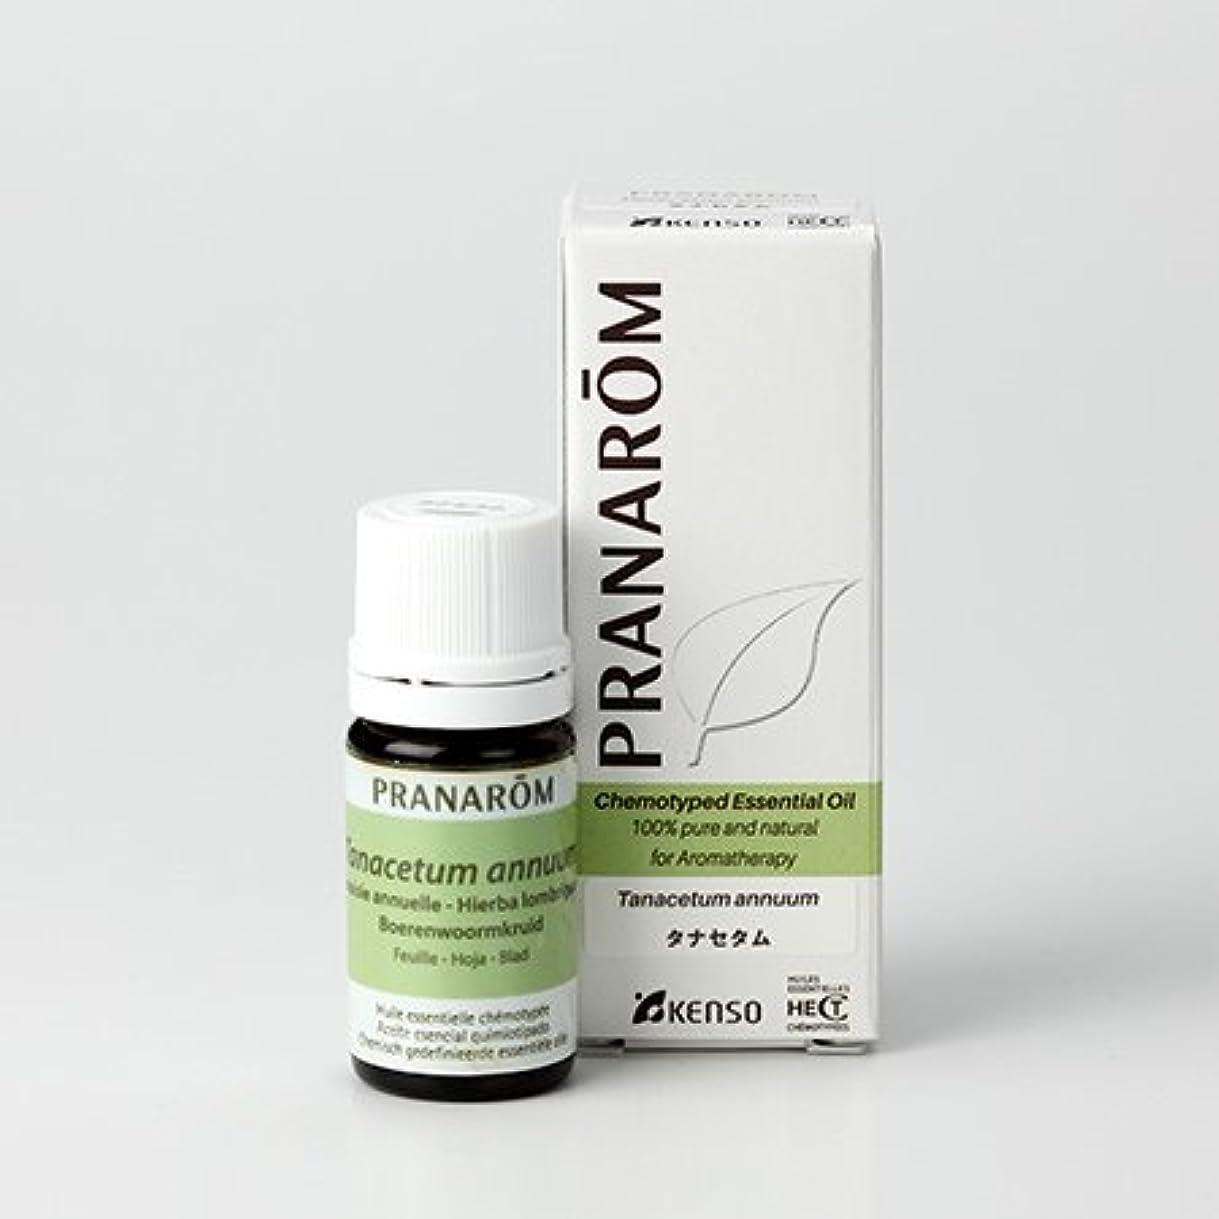 意気消沈した法律により申し立てられたプラナロム タナセタム 5ml (PRANAROM ケモタイプ精油)